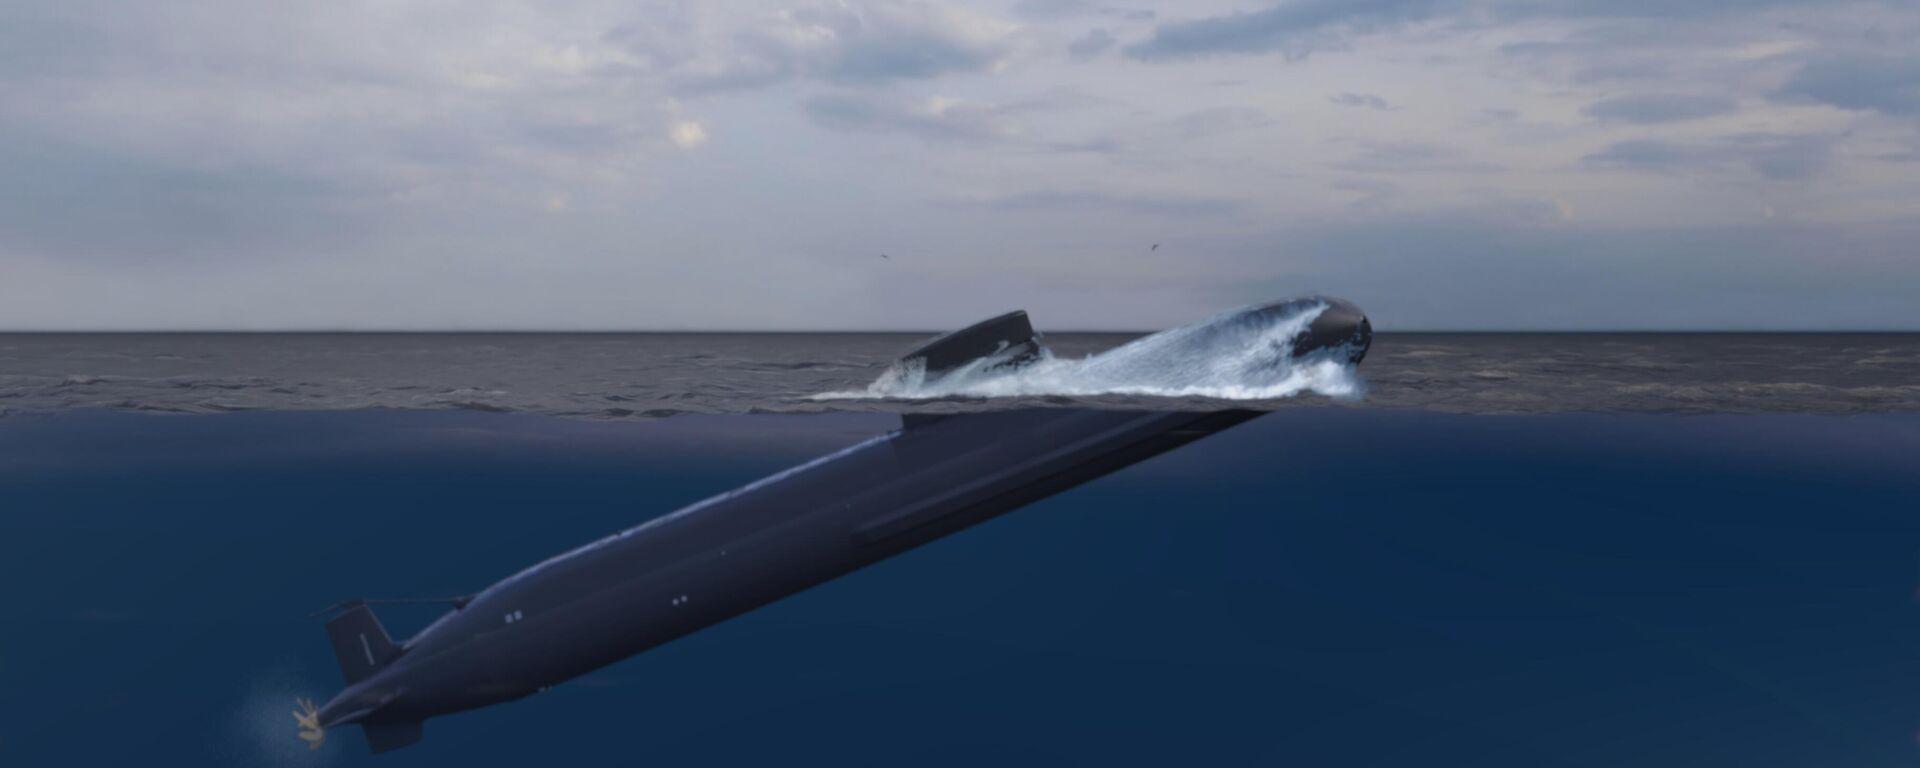 Recreación de uno de los submarinos S-80 - Sputnik Mundo, 1920, 22.04.2021